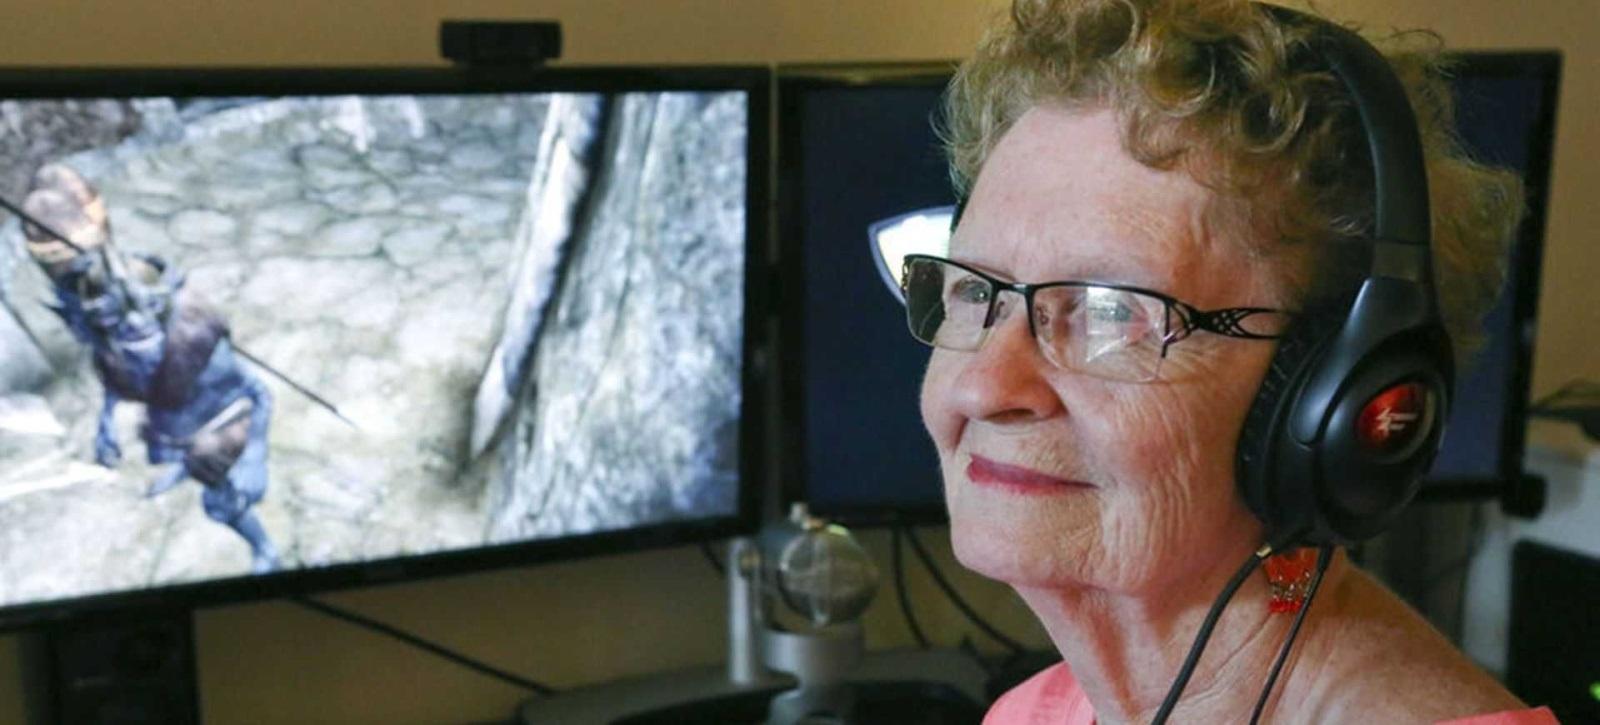 The Elder Scrolls IV: Shirley Curry